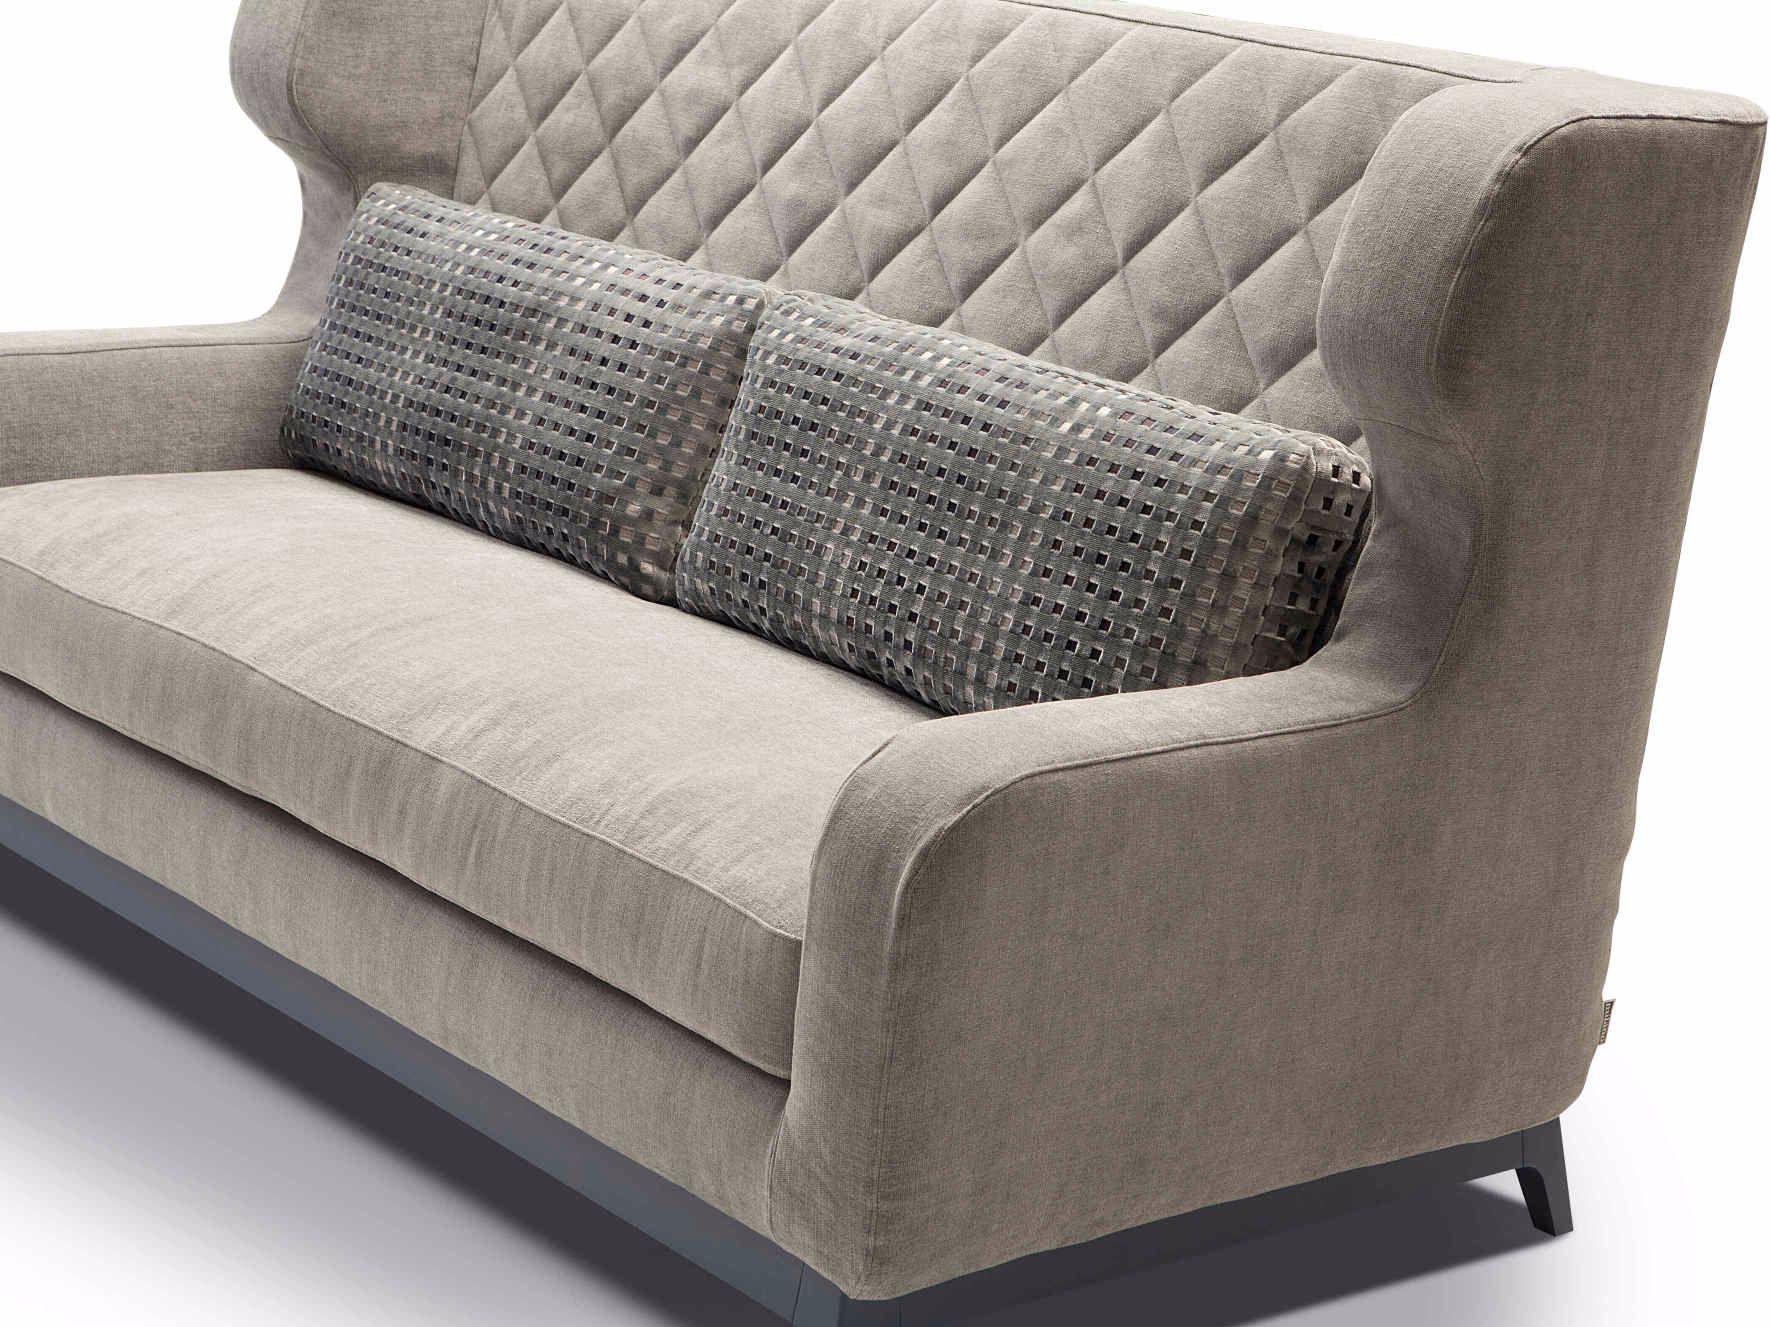 Divano letto imbottito in tessuto con schienale alto morgan by milano bedding design eric berth s - Schienale divano letto ...